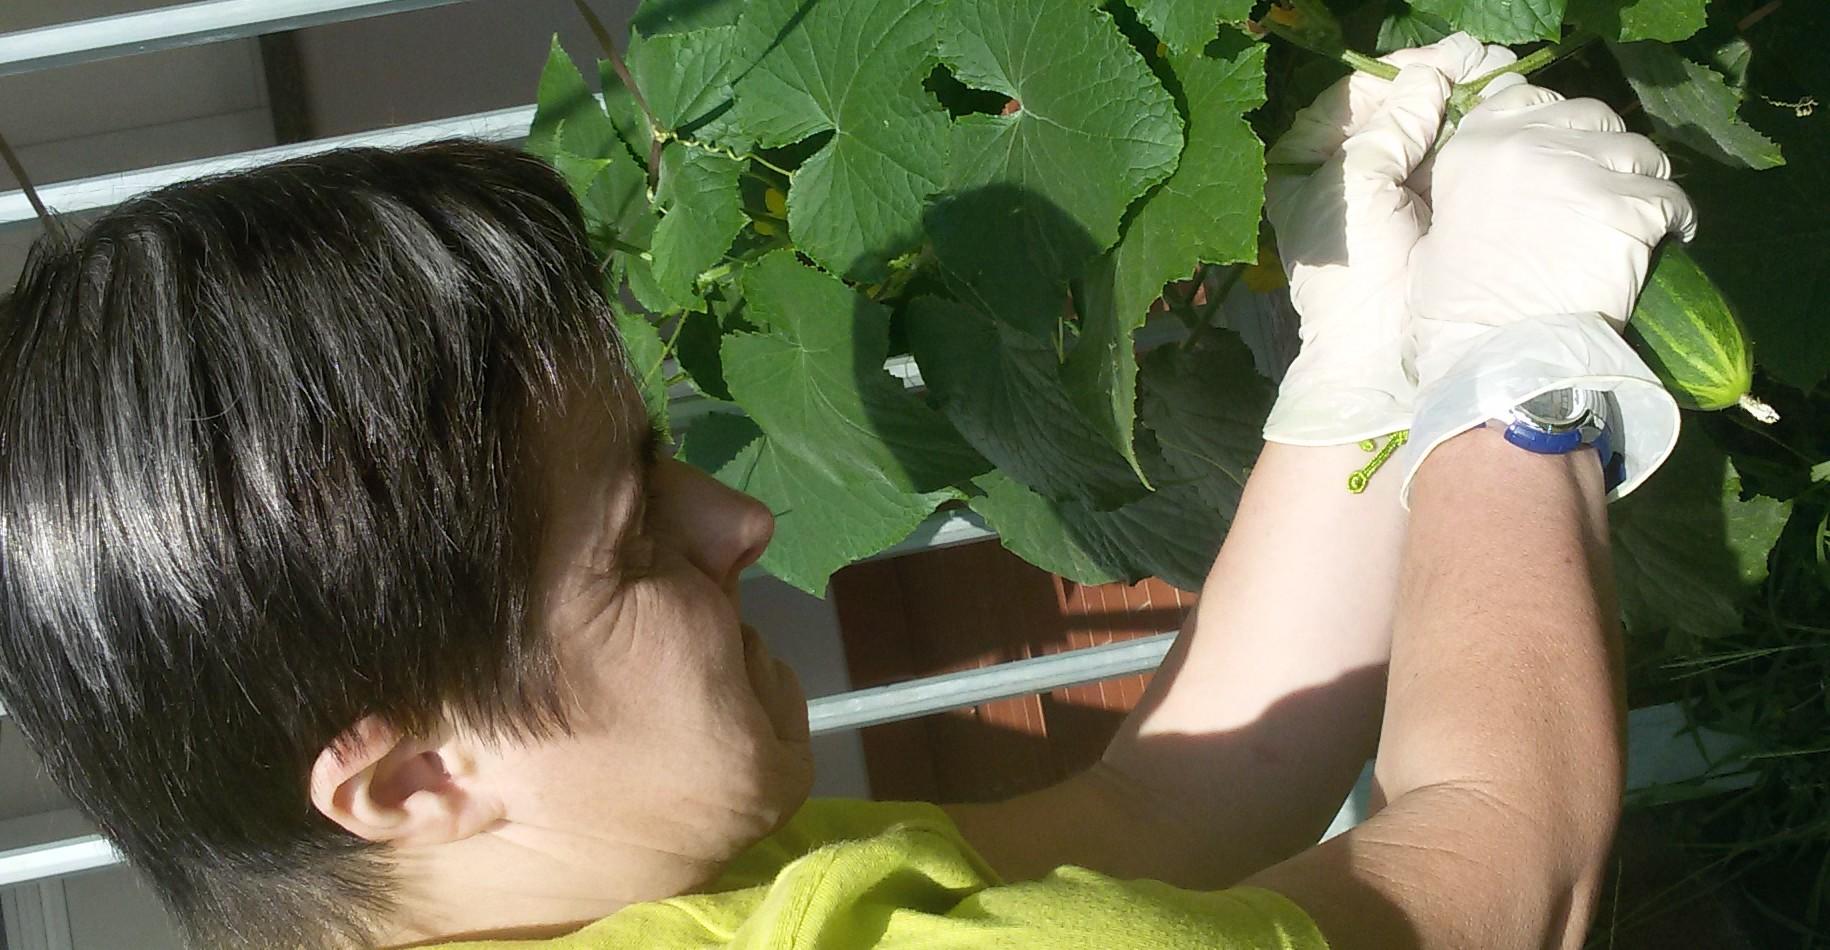 Coltivare un giardino non significa nutrire solo il corpo, ma anche l'anima